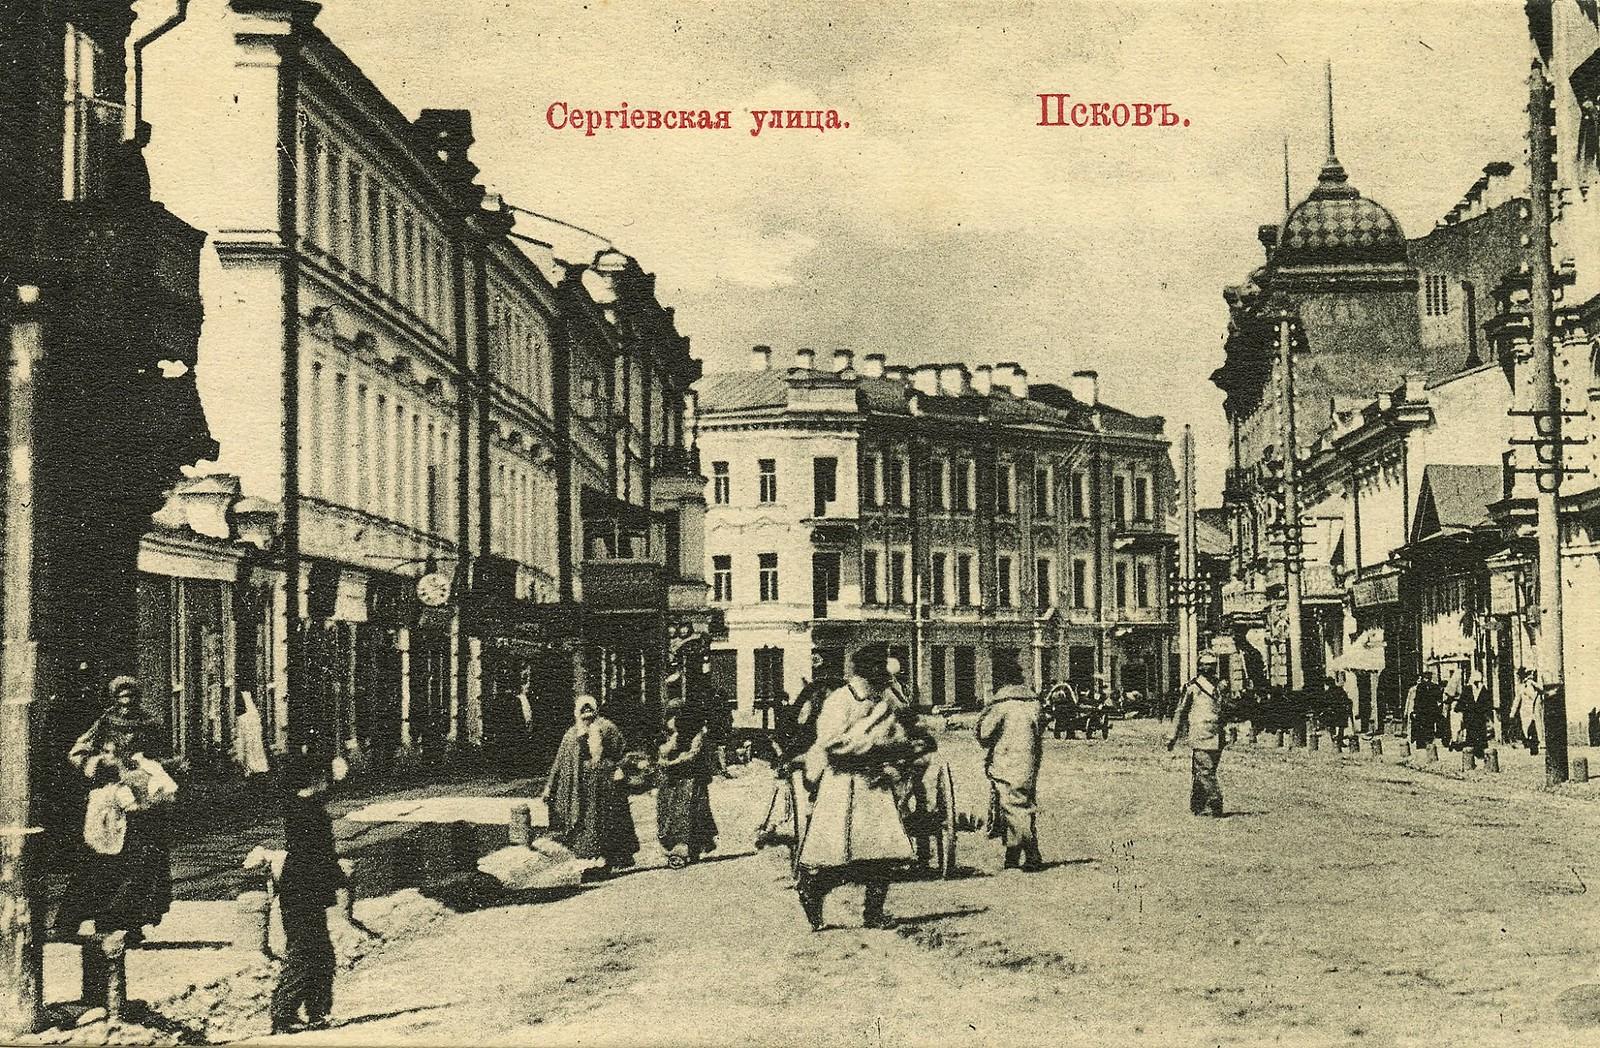 Сергиевская улица